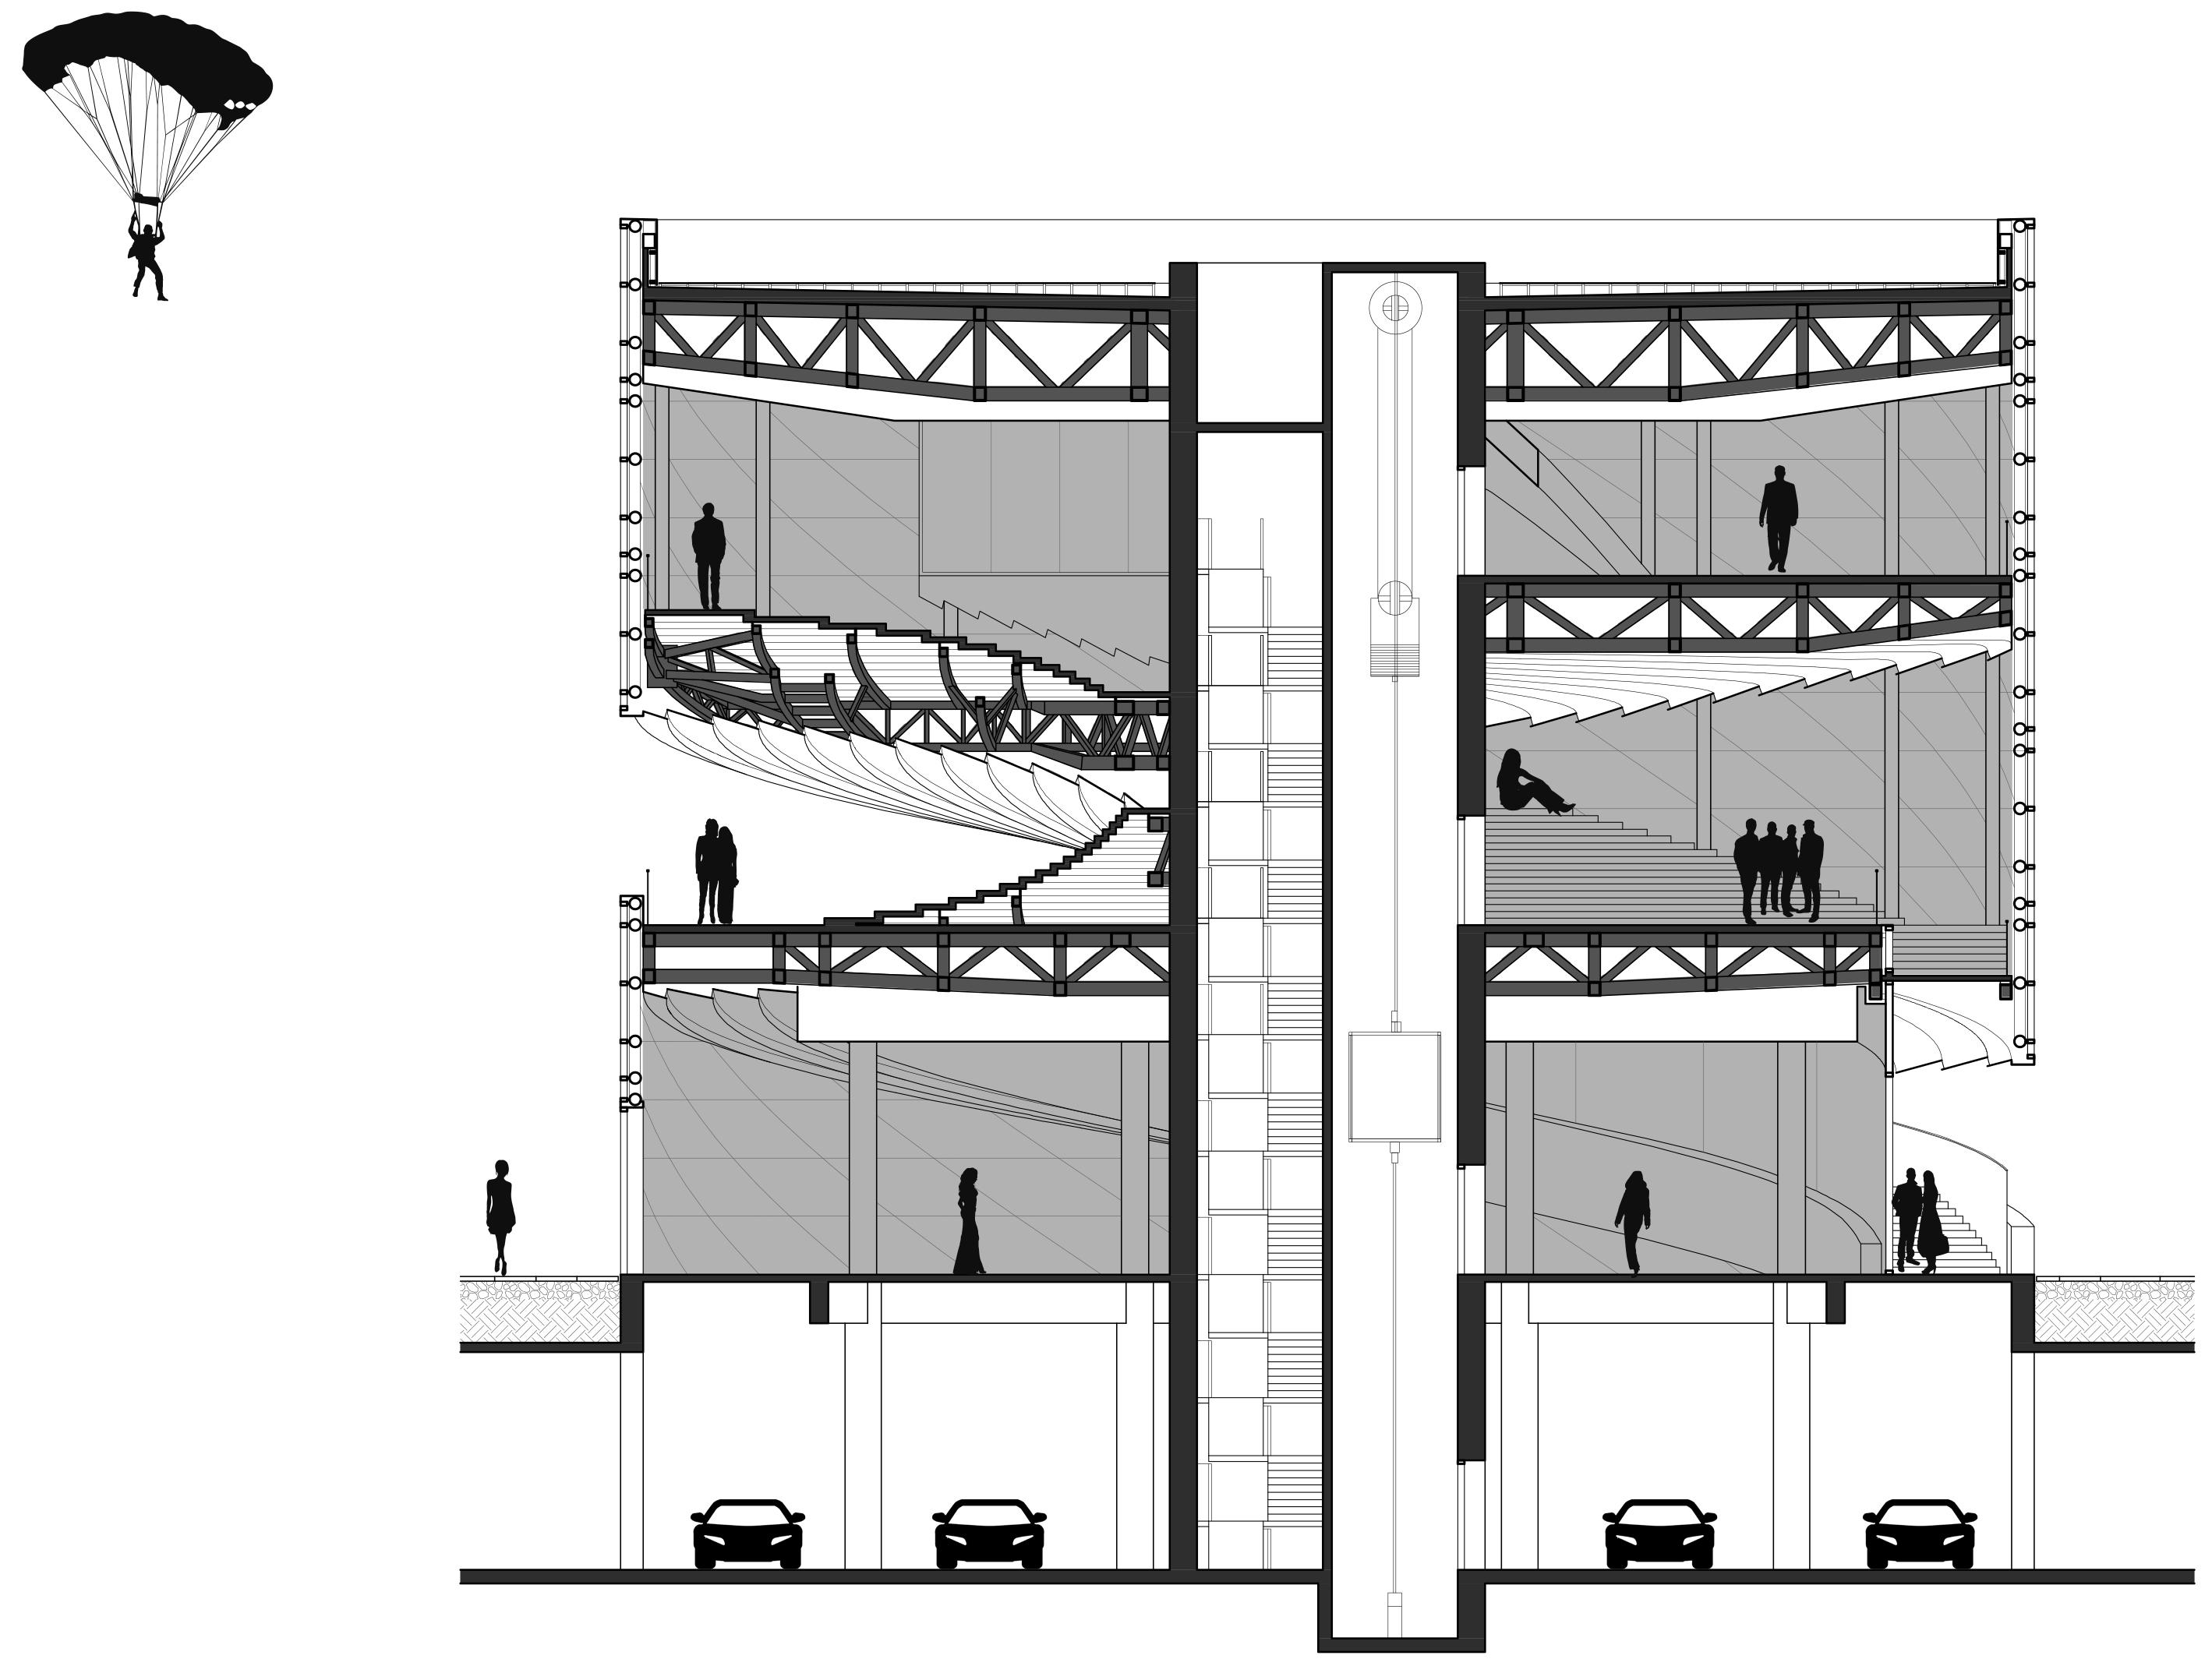 钢结构桥架从核心筒向外出挑